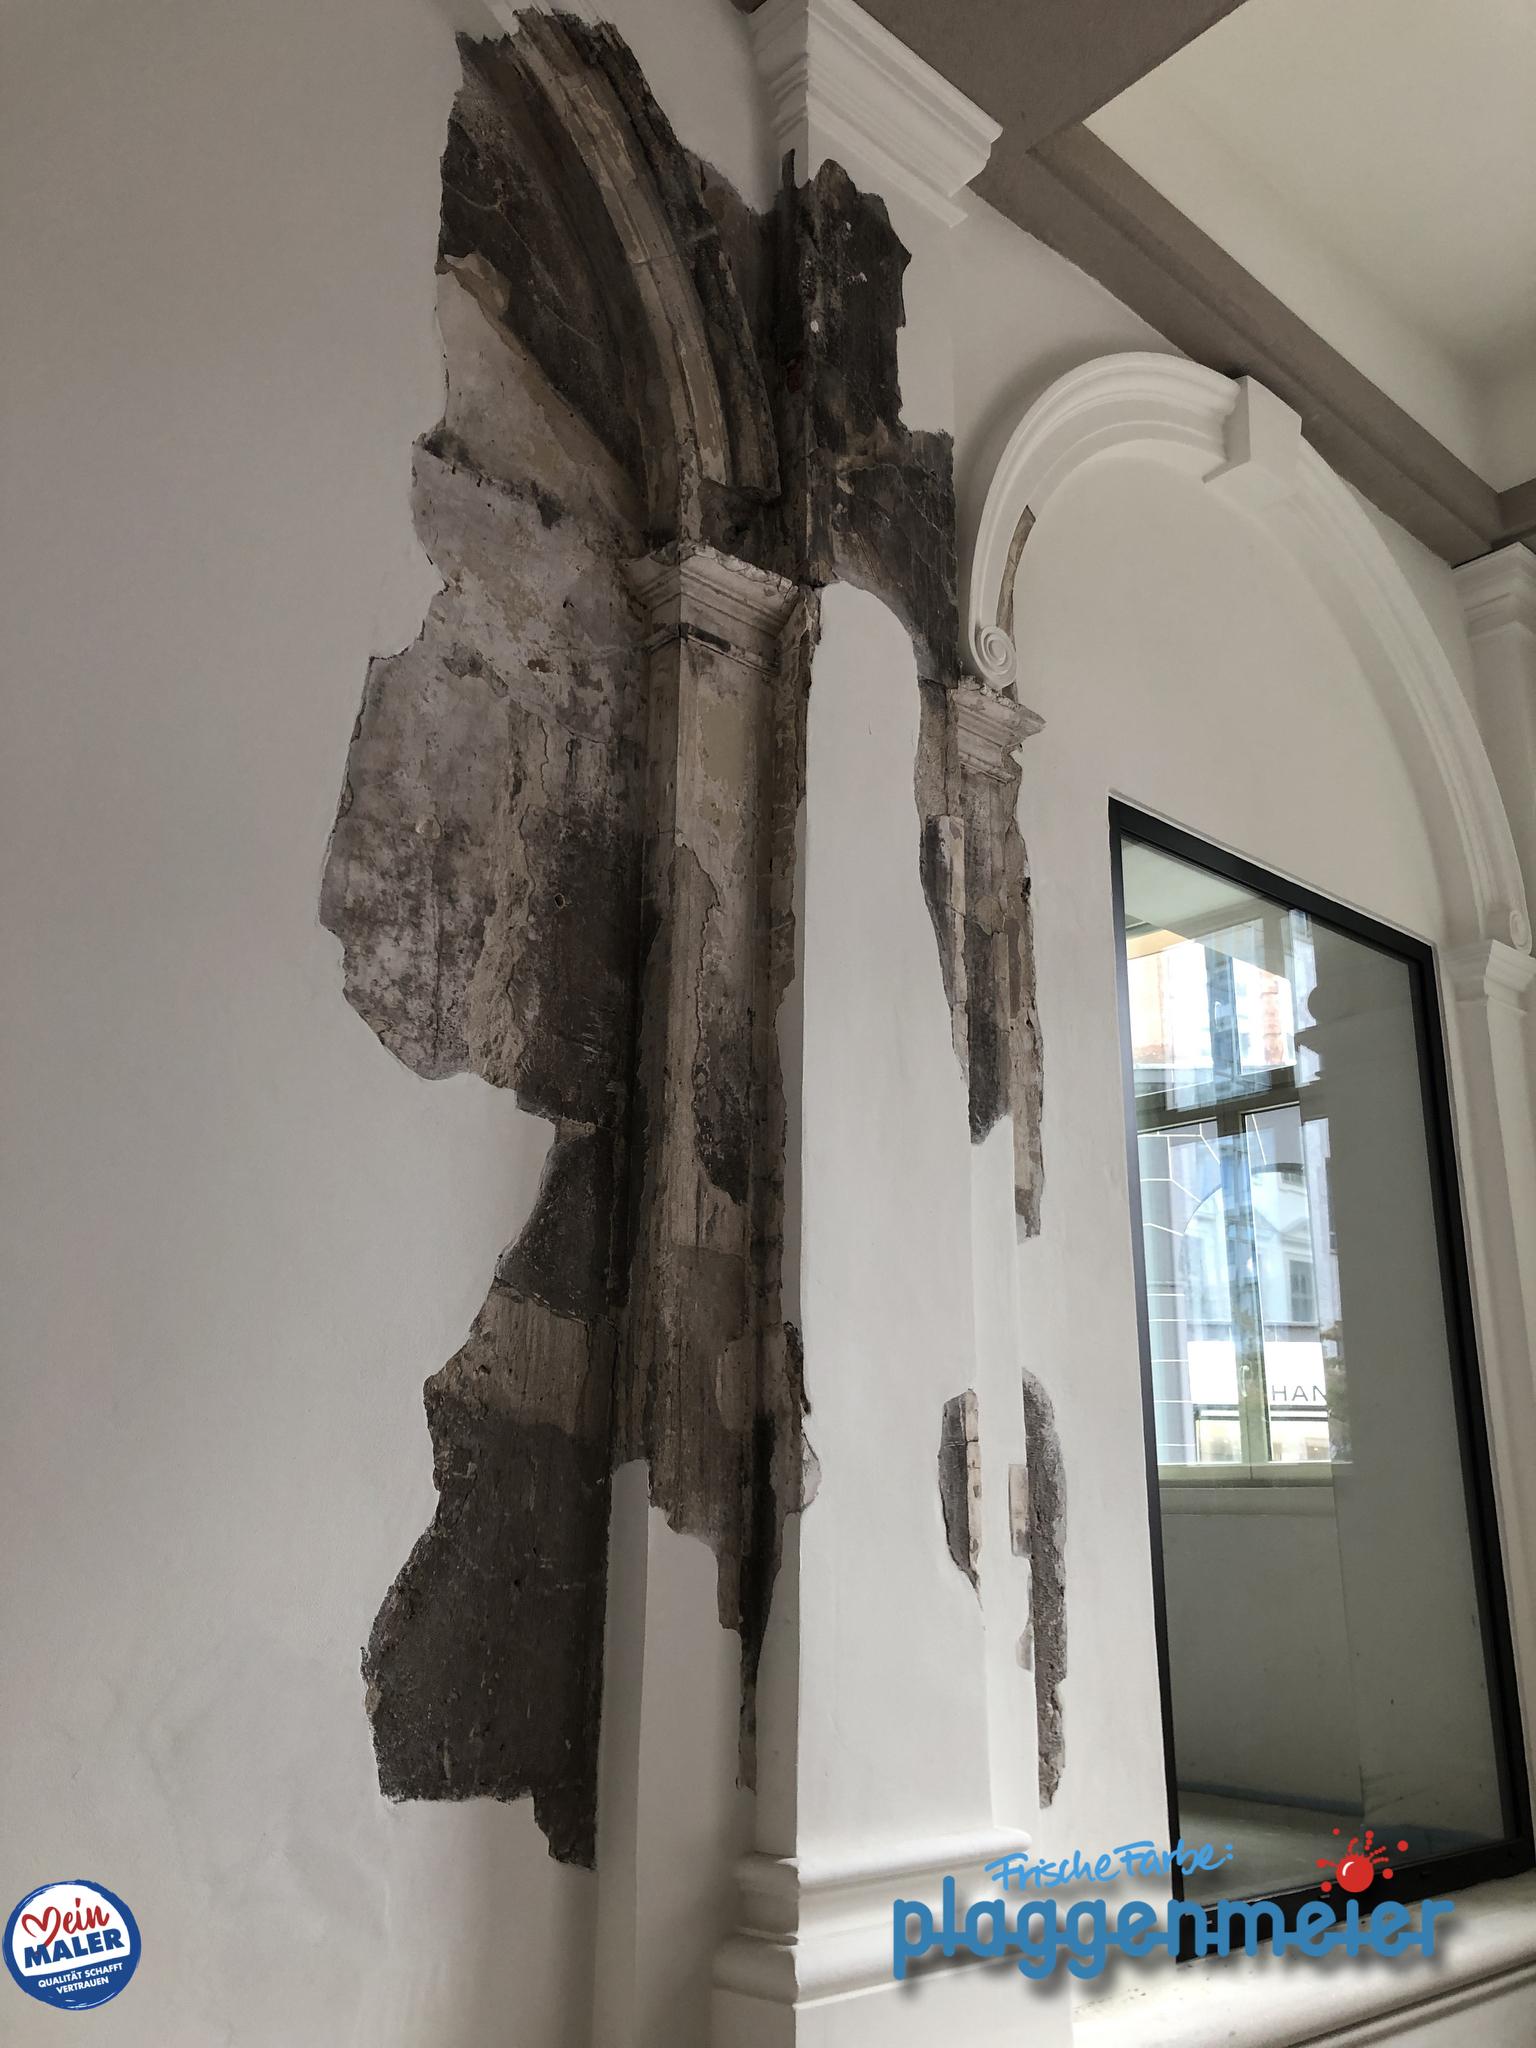 Als Denkmalschutz-Maler freuen wir uns, wenn ein Denkmal kreativ eingesetzt wird. Hier ist ein Originalteil konserviert worden. In Bremen von Frische Farbe Plaggenmeier Malerfachbetrieb